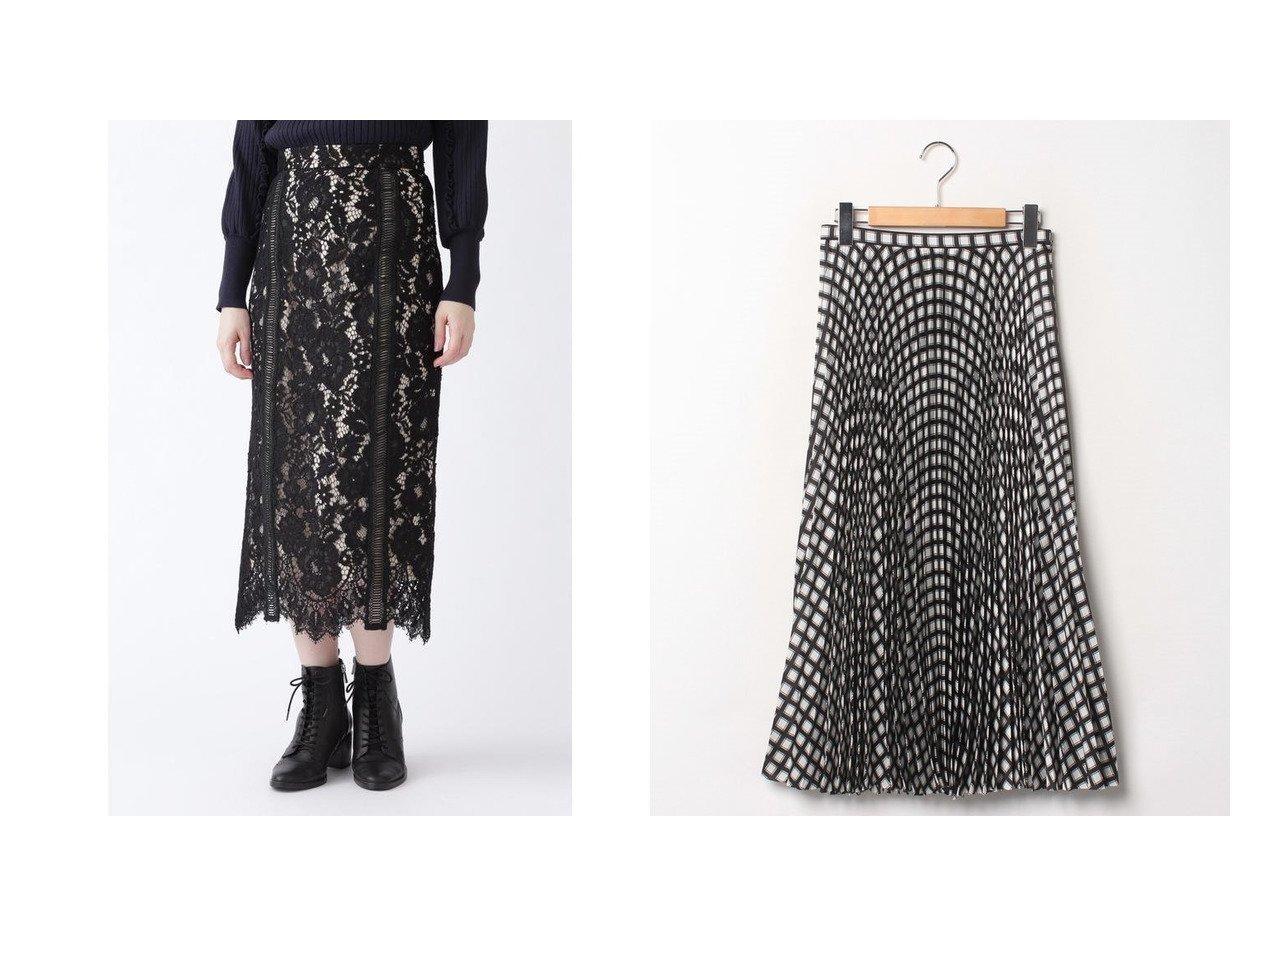 【theory/セオリー】のスカート CHECK TWILL POLY WB PLEAT&【JILLSTUART/ジルスチュアート】のネロレーススカート スカートのおすすめ!人気、レディースファッションの通販 おすすめで人気のファッション通販商品 インテリア・家具・キッズファッション・メンズファッション・レディースファッション・服の通販 founy(ファニー) https://founy.com/ ファッション Fashion レディース WOMEN スカート Skirt プリーツスカート Pleated Skirts エレガント ダウン チェック ファブリック プリント プリーツ モノトーン インナー グログラン スリット パイピング ミックス レース  ID:crp329100000005305